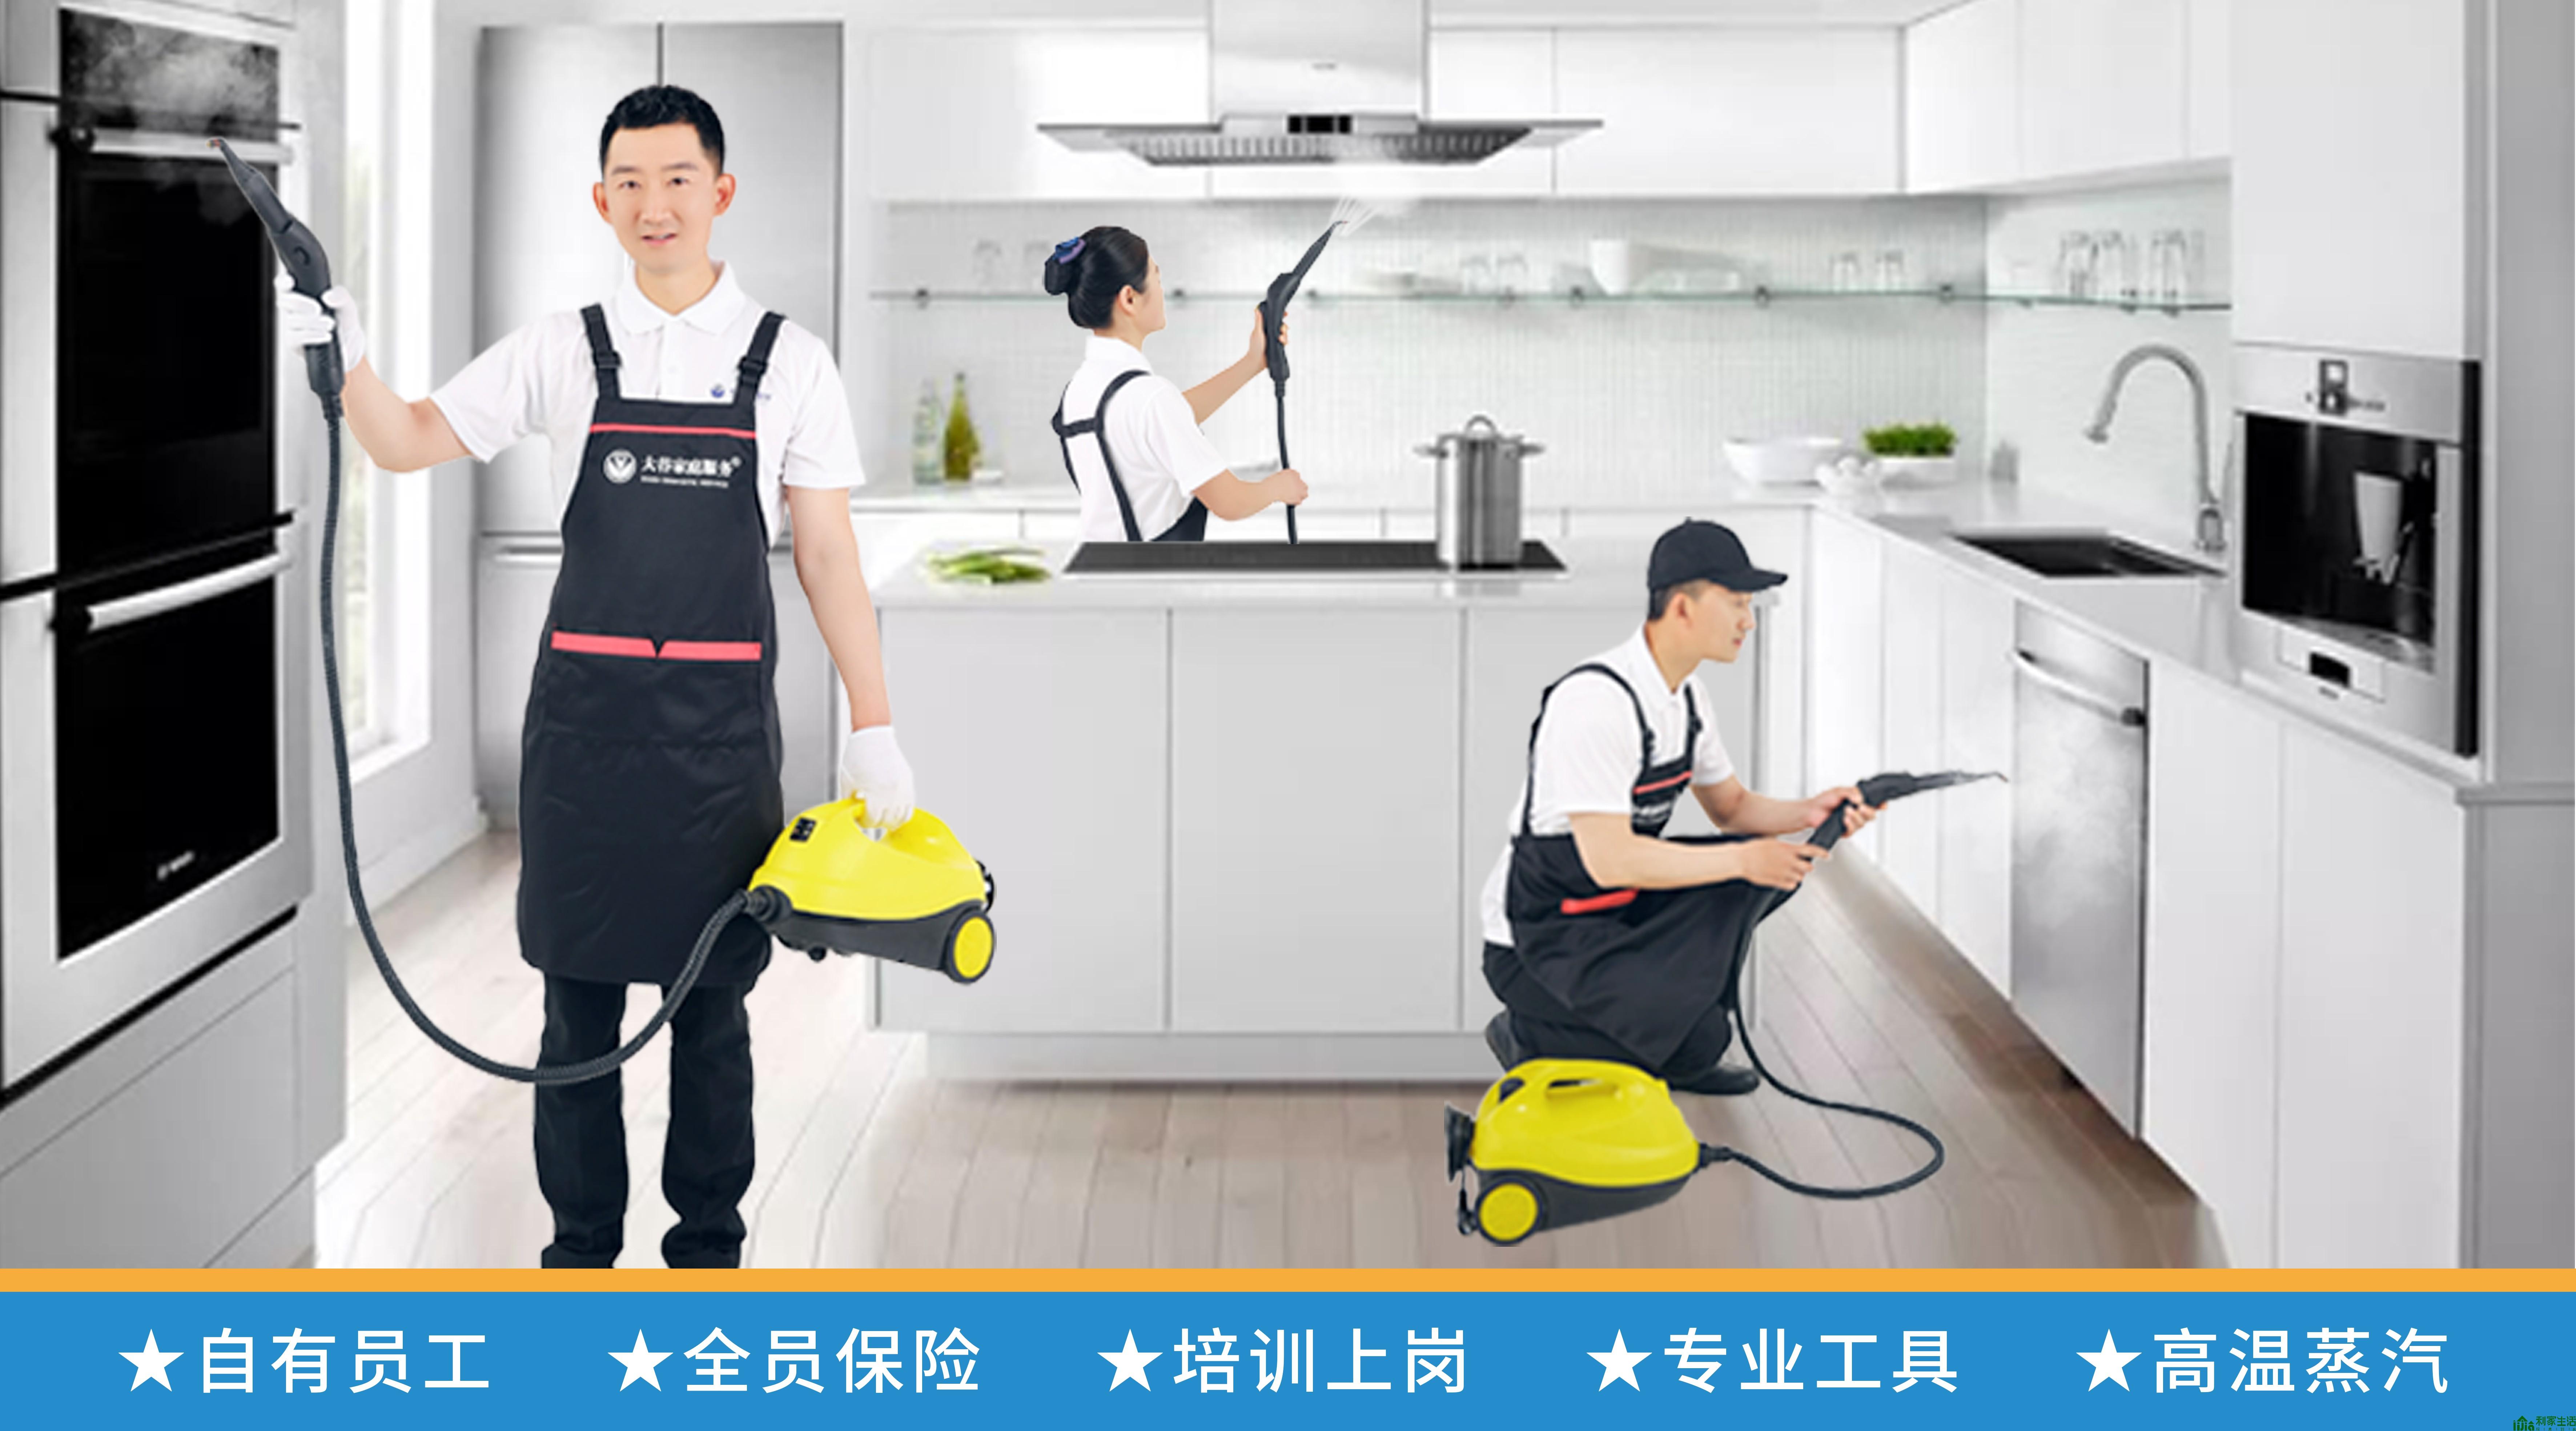 【开发区】辽宁大谷家庭服务有限公司:大谷家庭服务